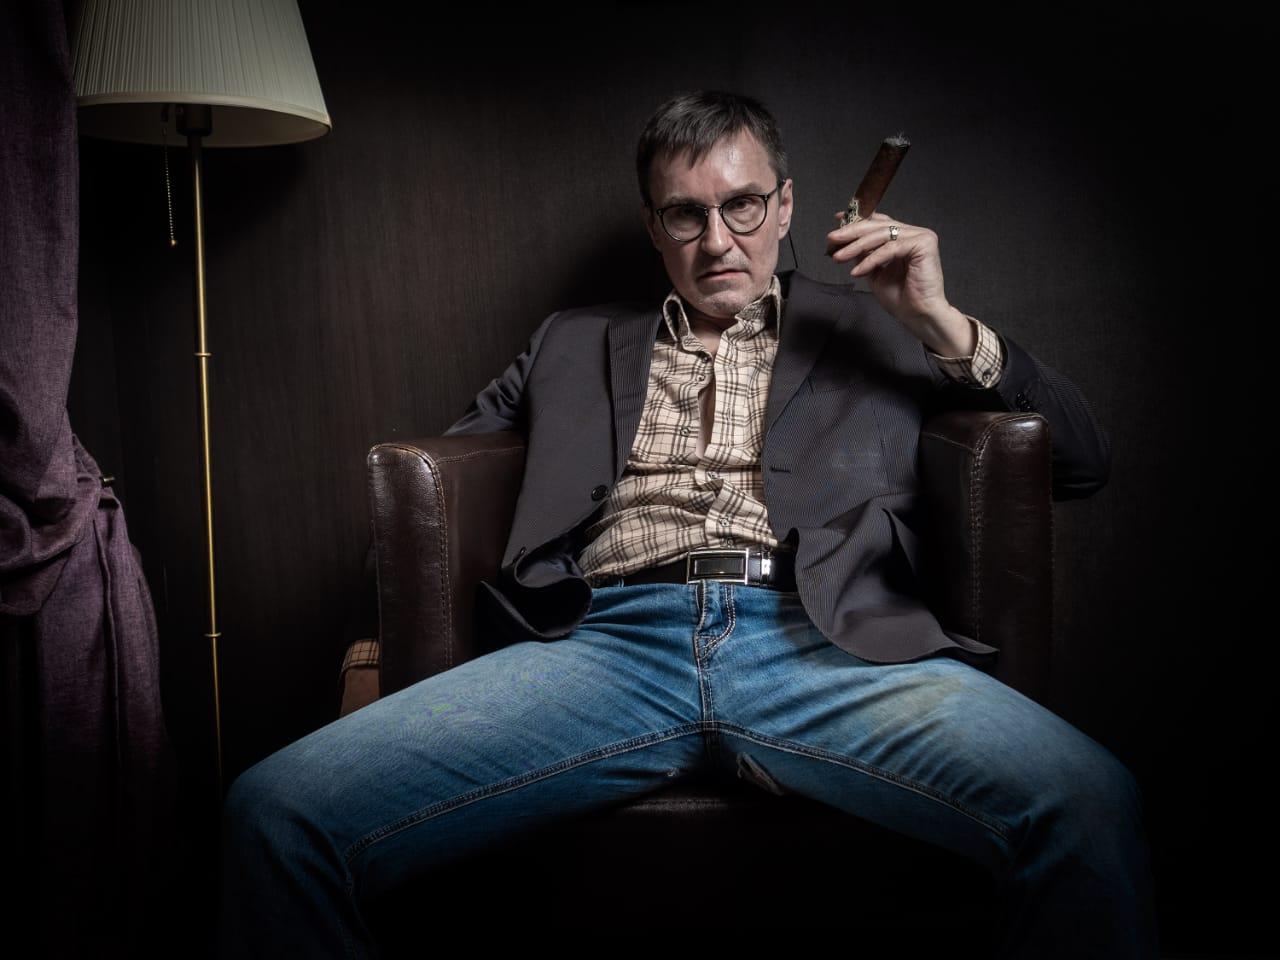 фотосессия от известного фотохудожника Марка Рассказова в салоне СИГАРЫ И ВИСКИ